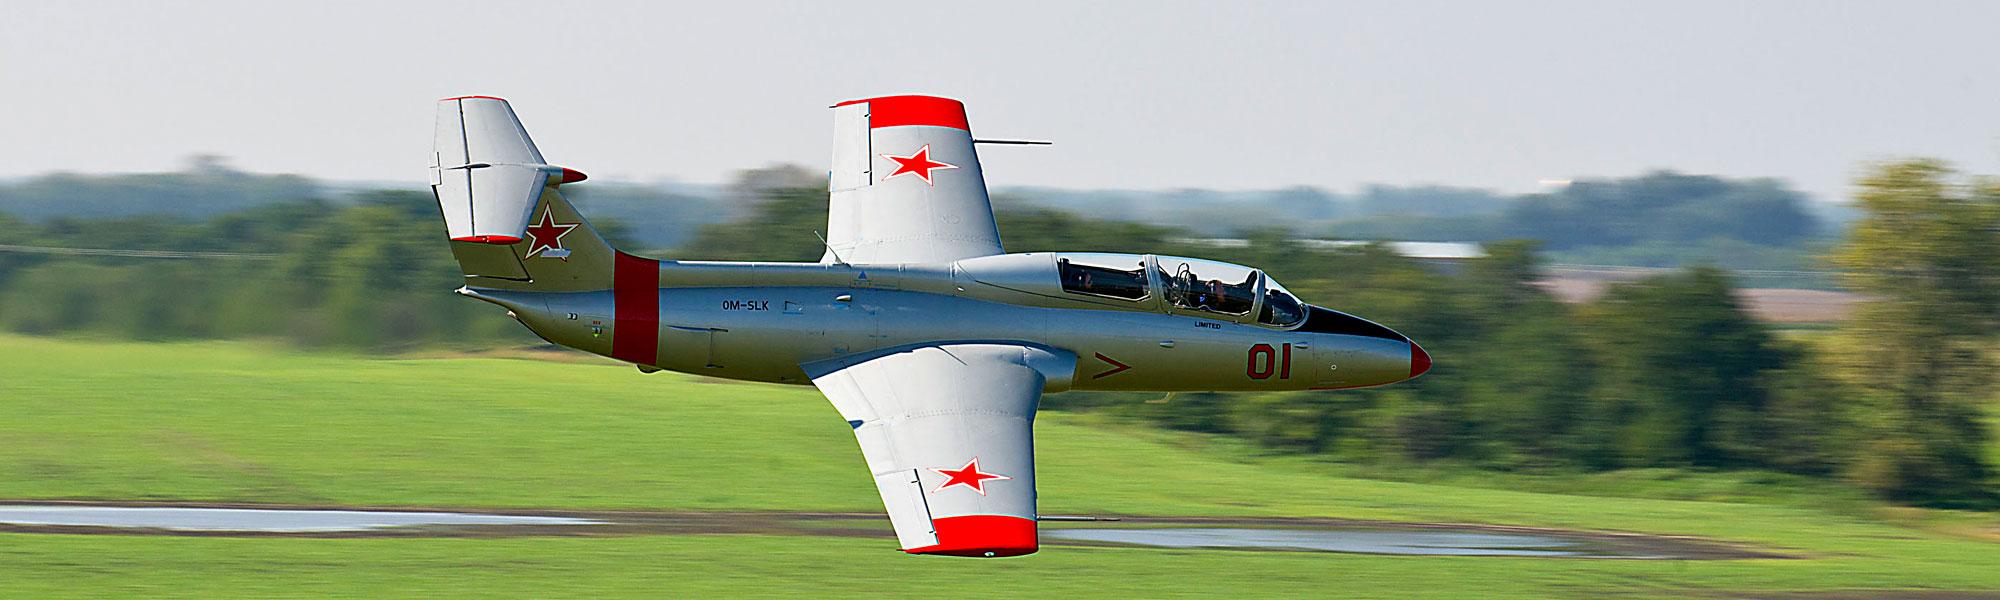 L-29 Delfin - robuster Trainingsjet zu einem attraktiven Preis